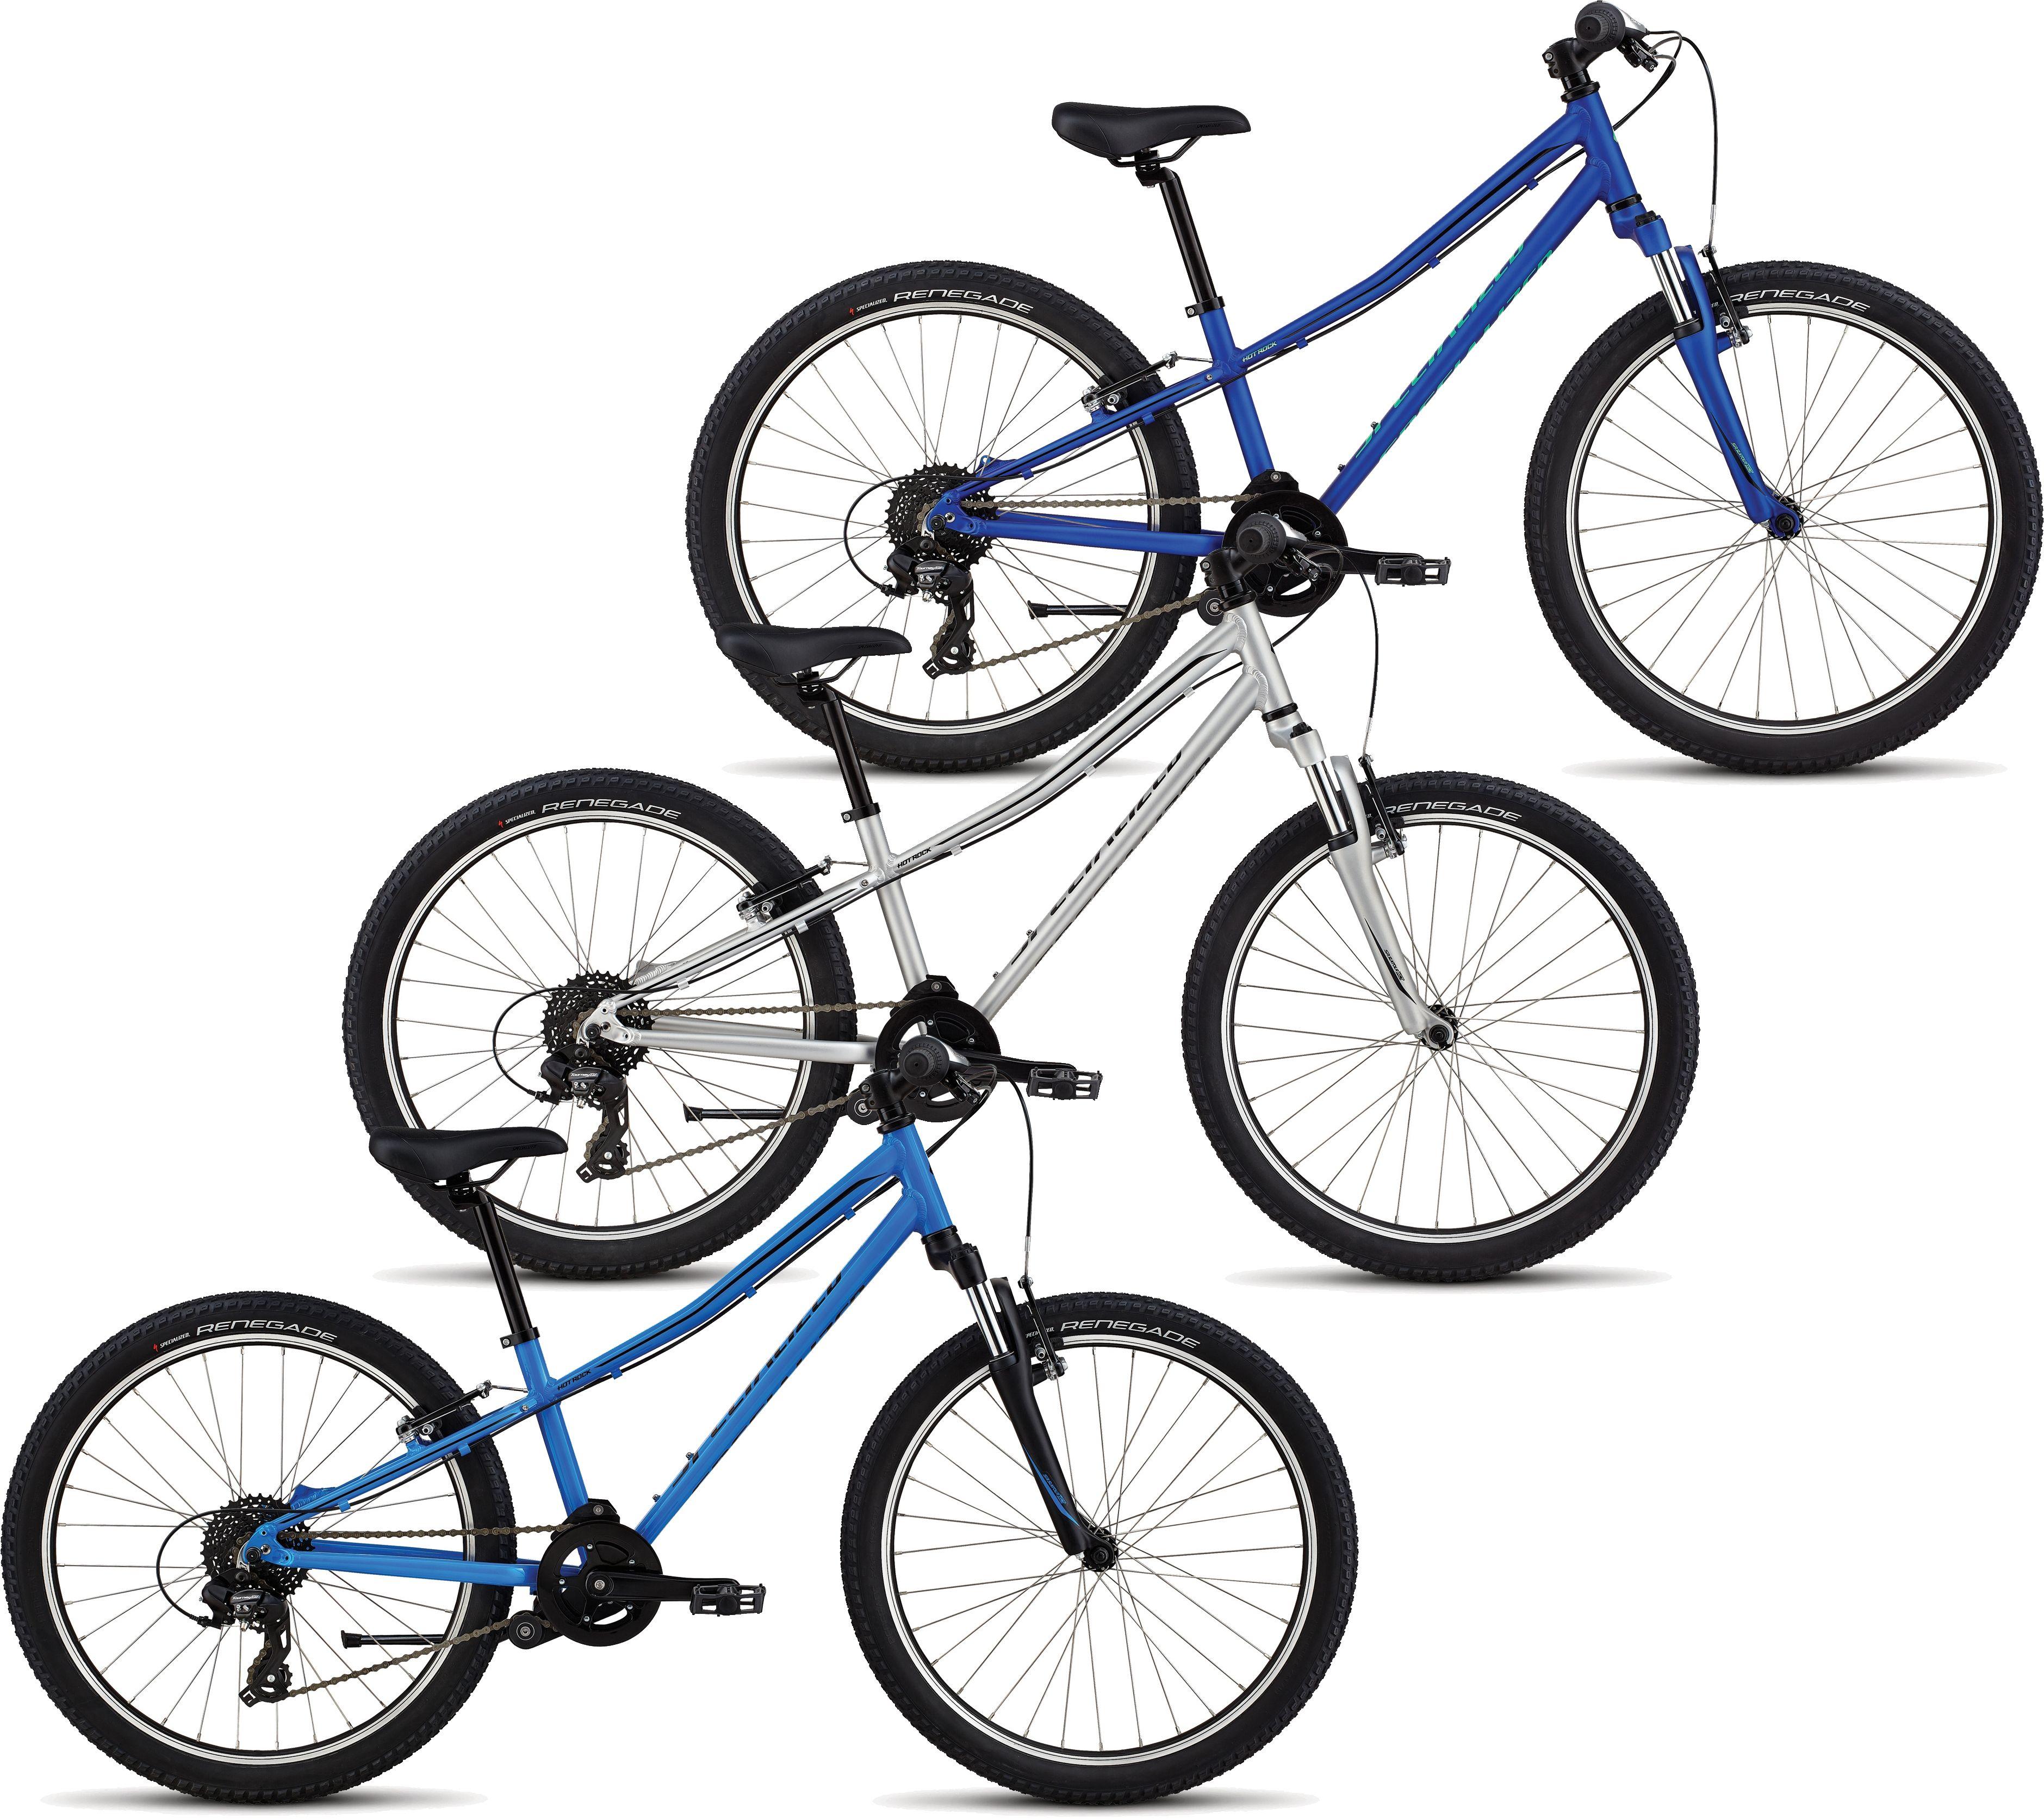 Specialized Hotrock 24 8 Speed Kids Bike